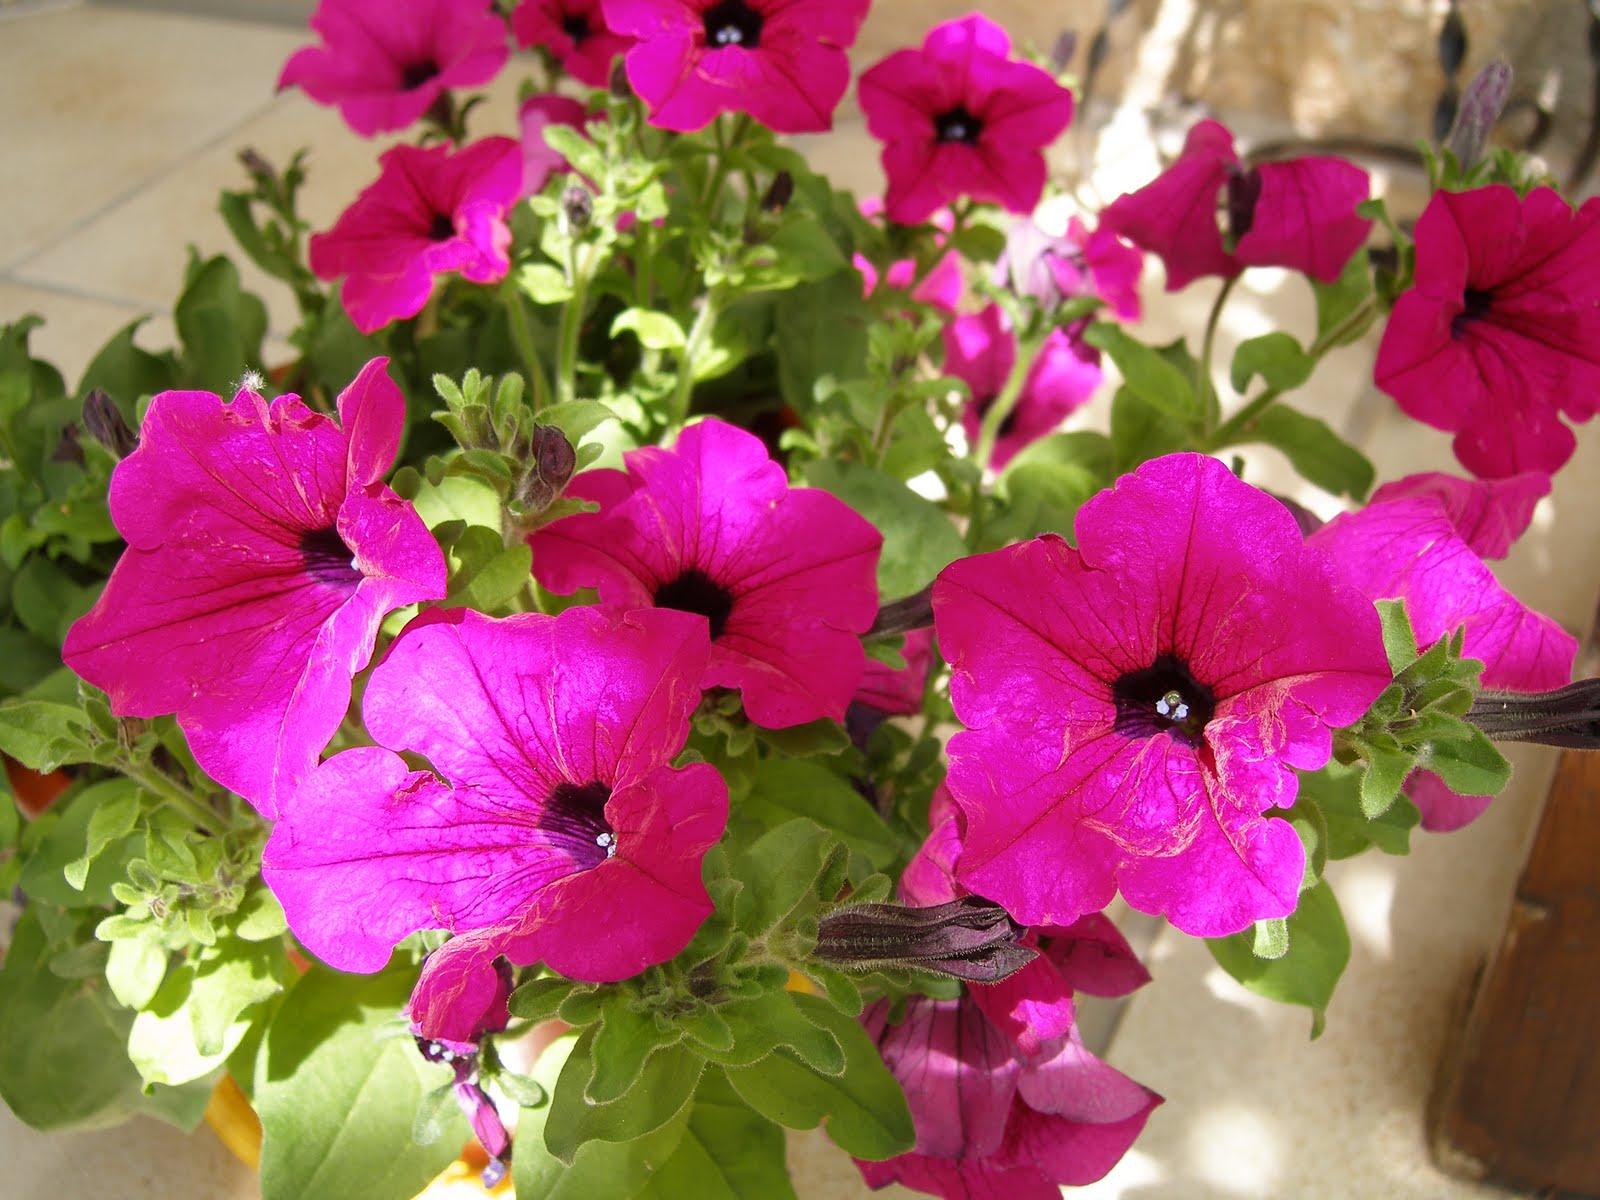 Las Mejores Imágenes Gratis Flores